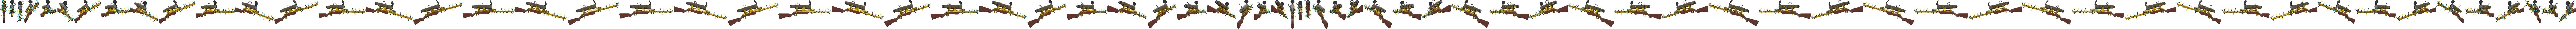 rj45 wall socket wiring diagram australium [ 12753 x 143 Pixel ]